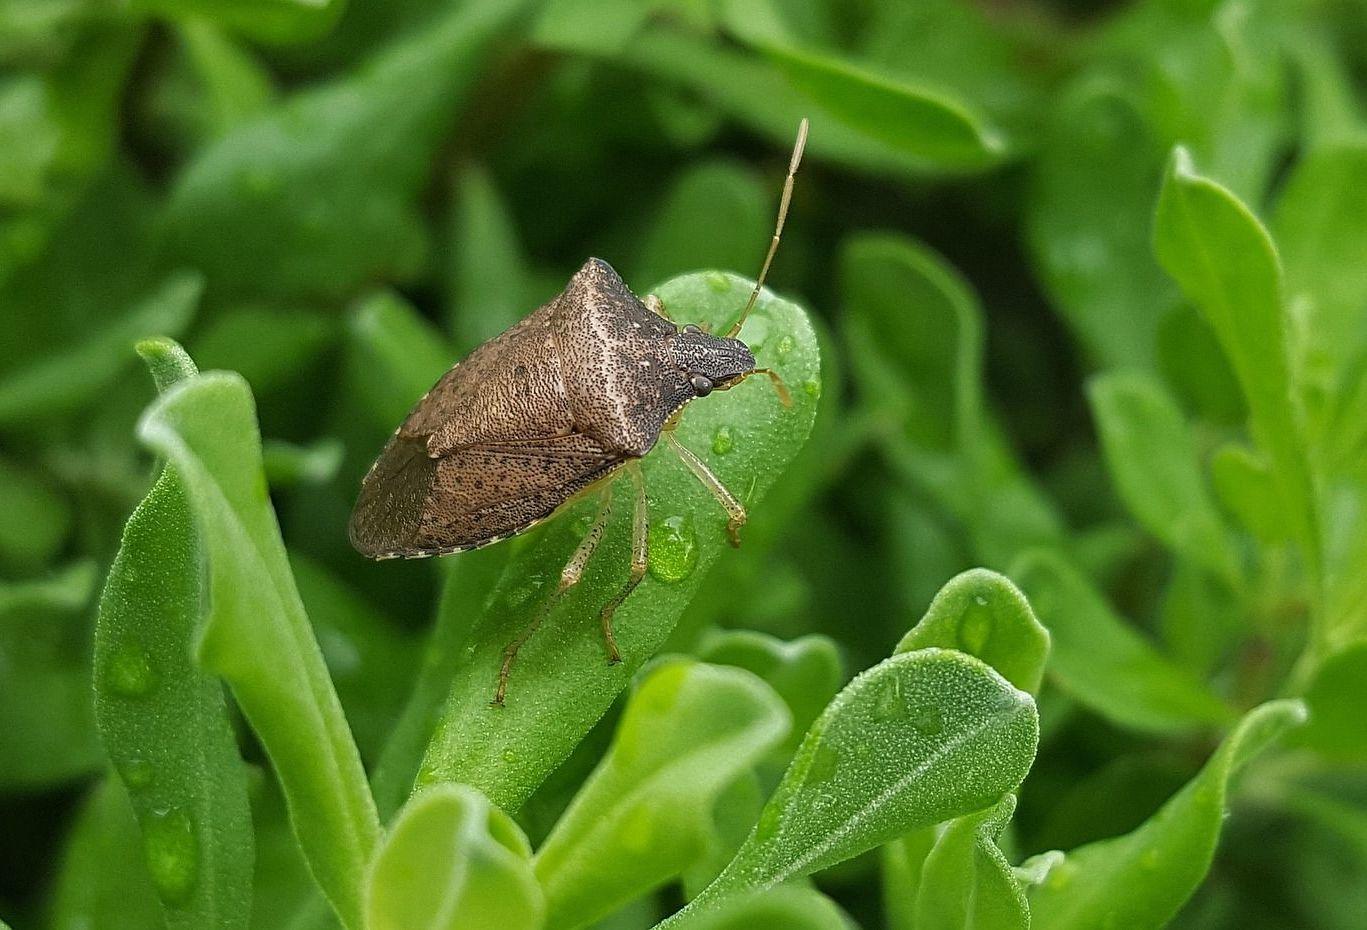 Veszélyes kártevők: Vetésfehérítő bogarak - Agrofórum Online